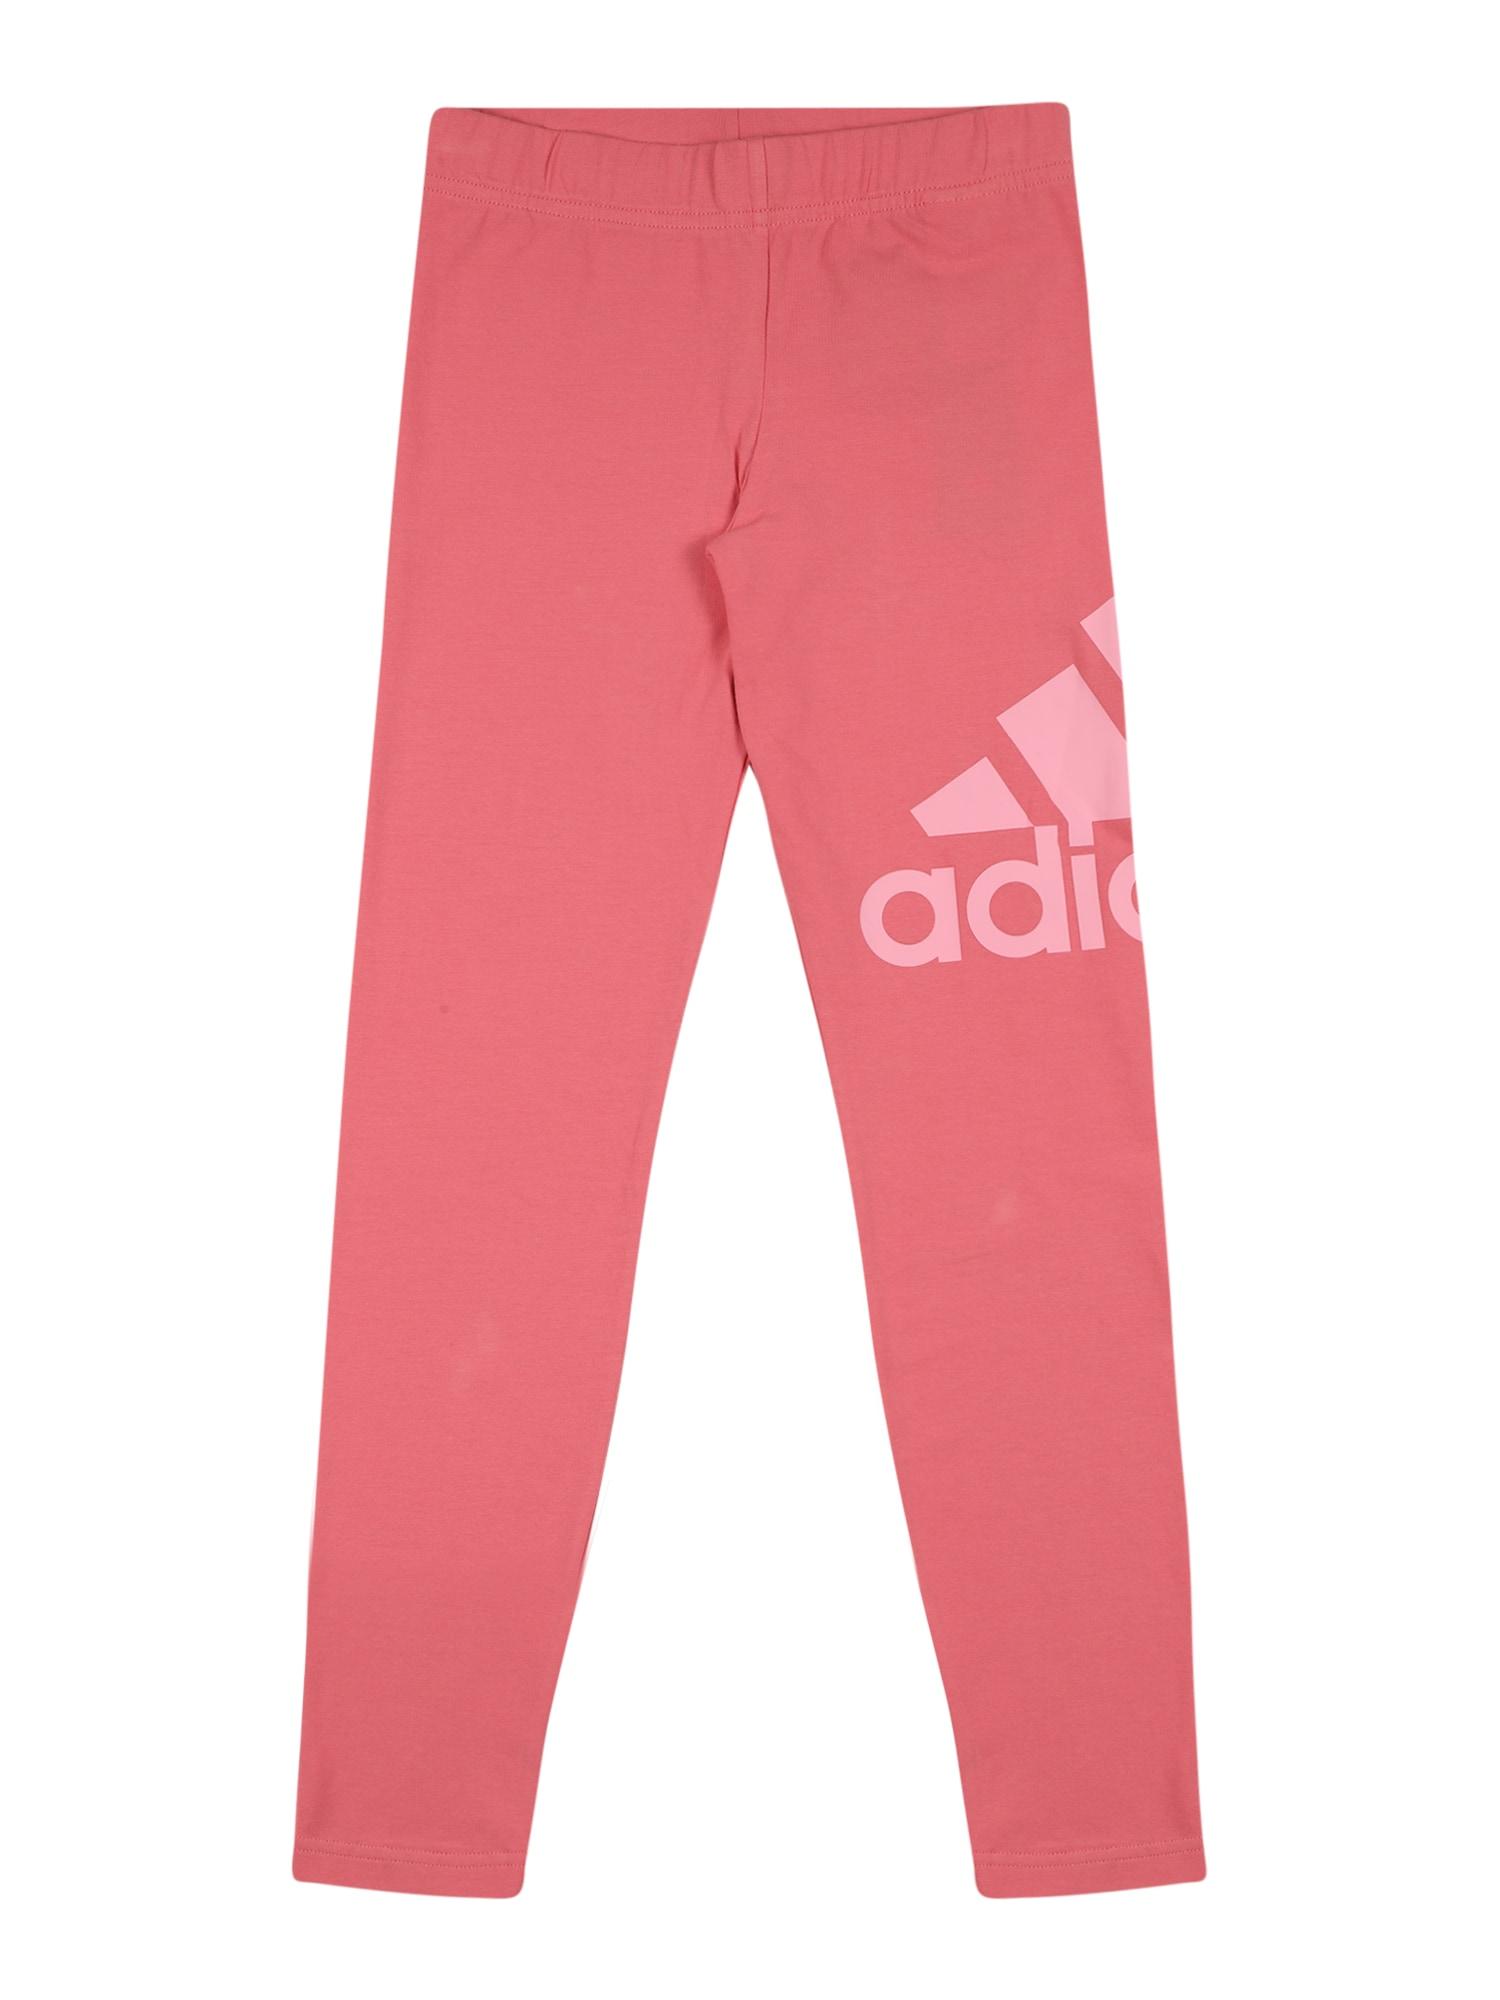 ADIDAS PERFORMANCE Sportinės kelnės rožių spalva / rožinė